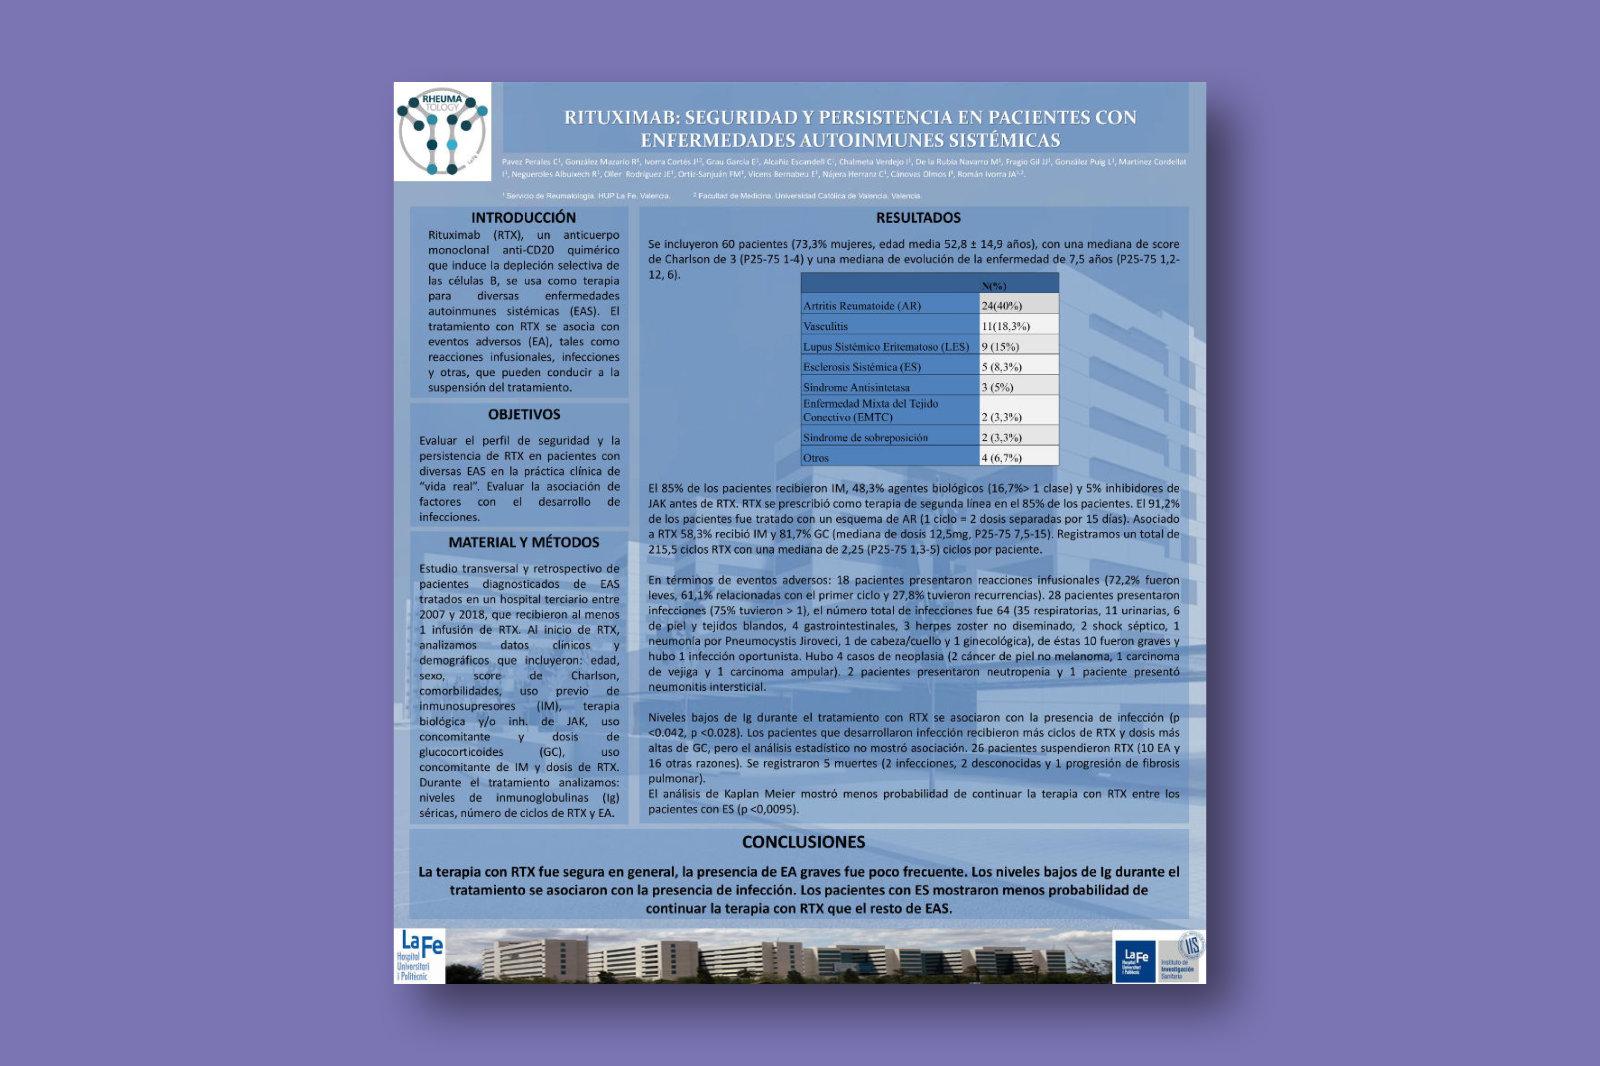 Rituximab: seguridad y persistencia en pacientes con enfermedades autoinmunes sistémicas